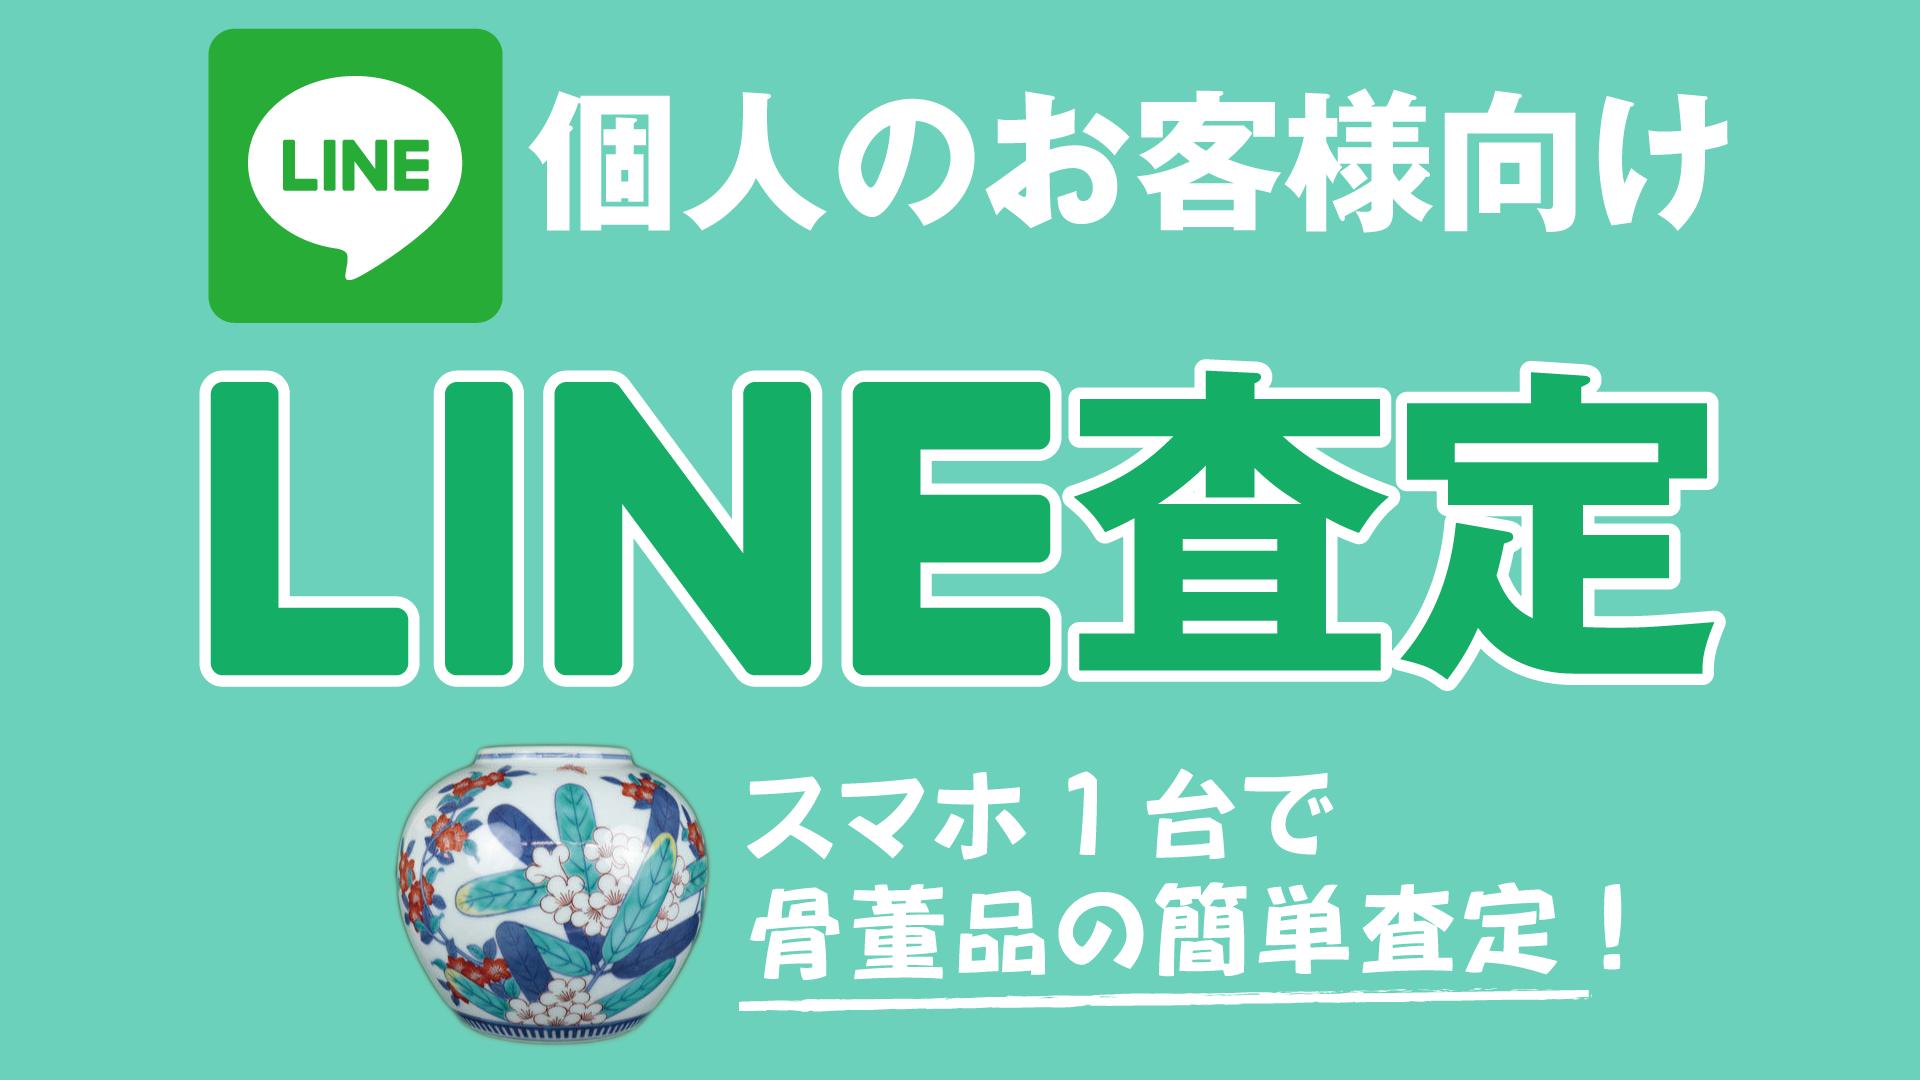 骨董品LINE査定